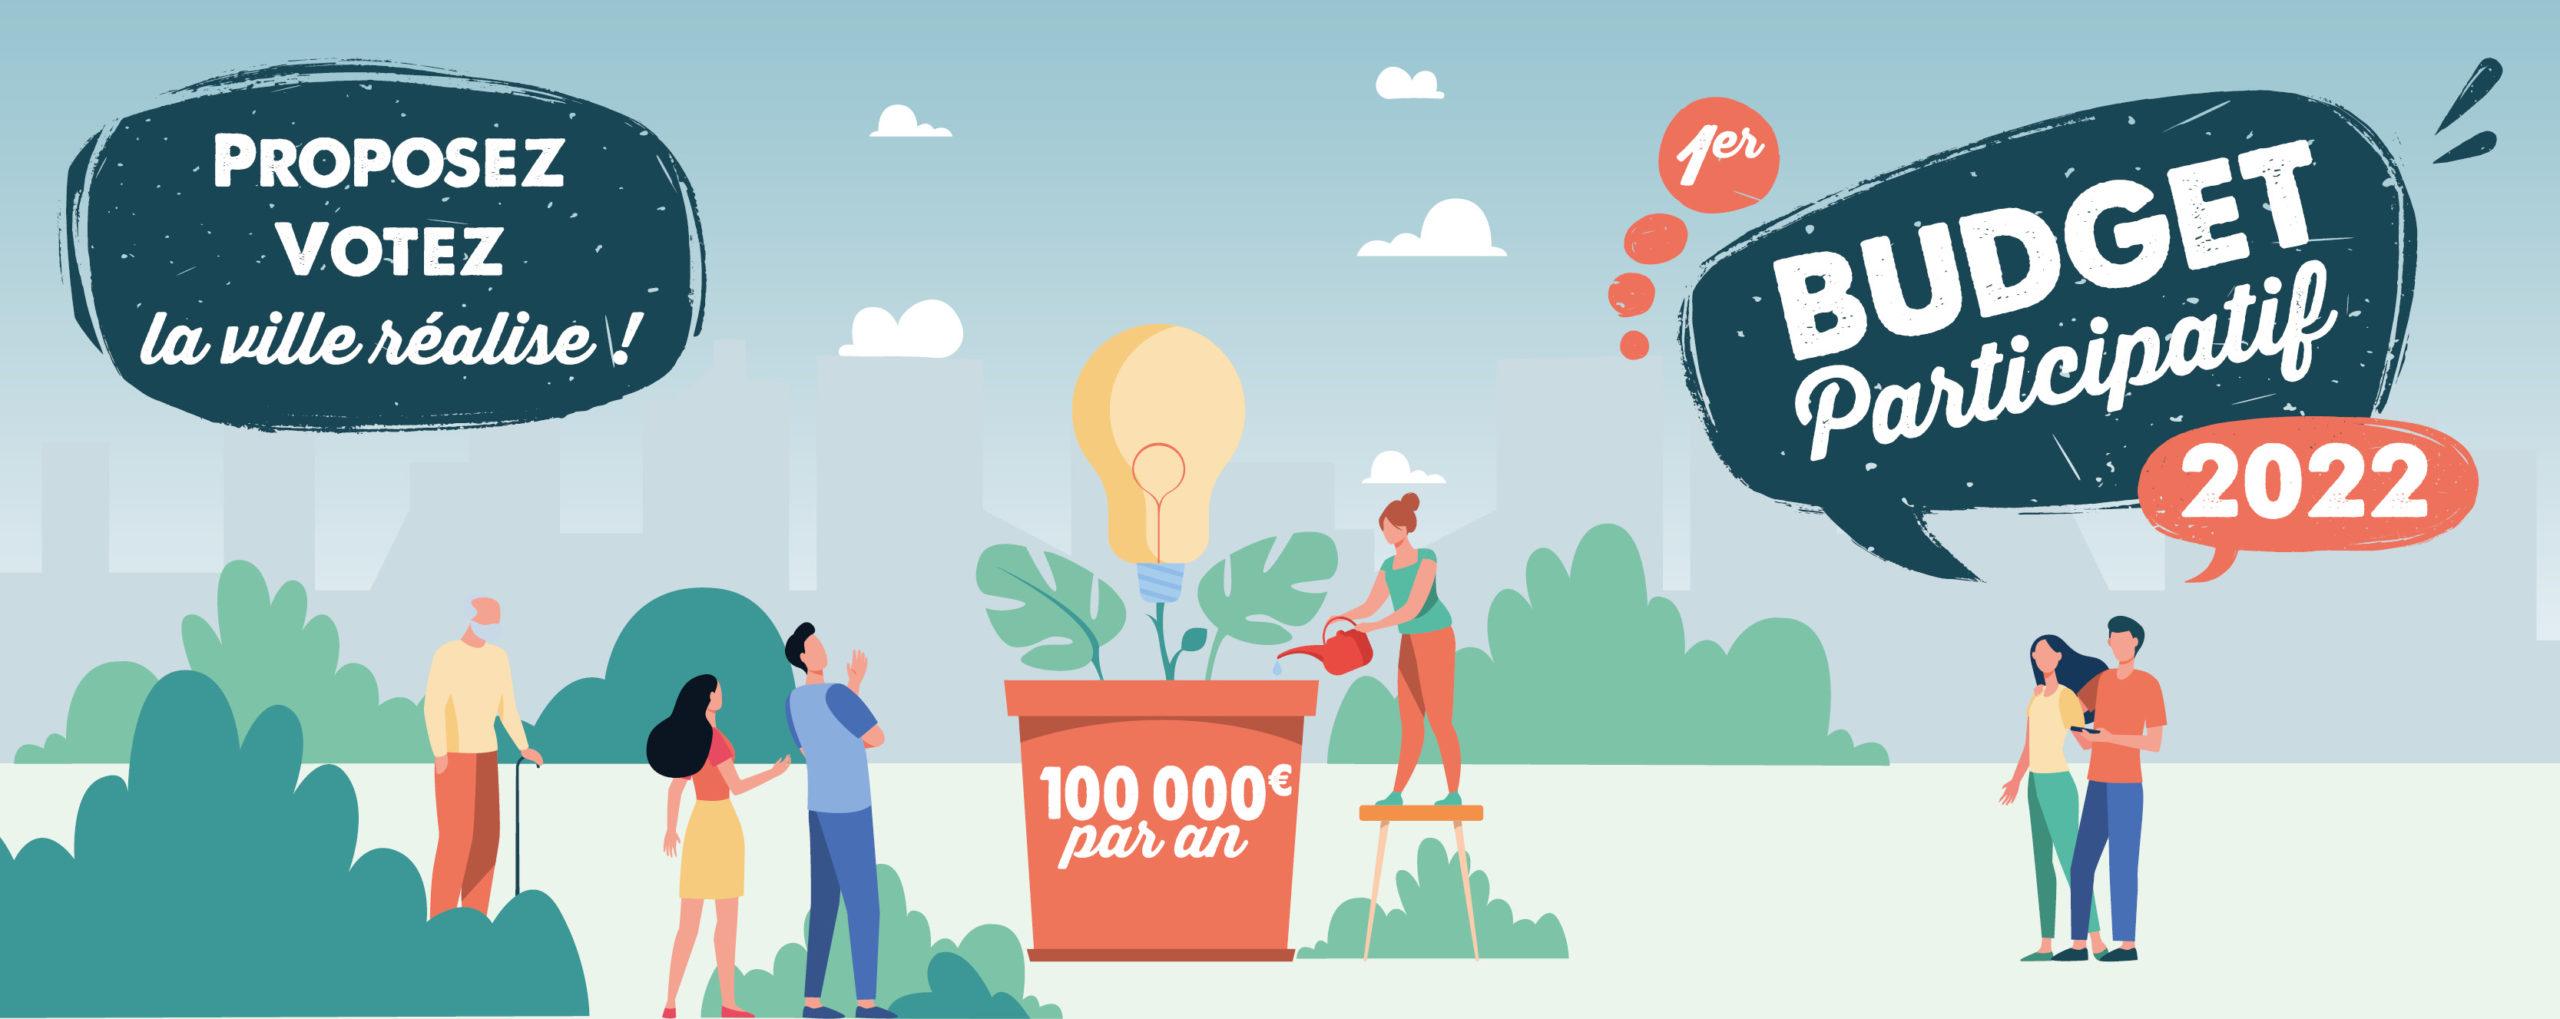 Budget participatif VILLEFONTAINE 2021-22 - focus